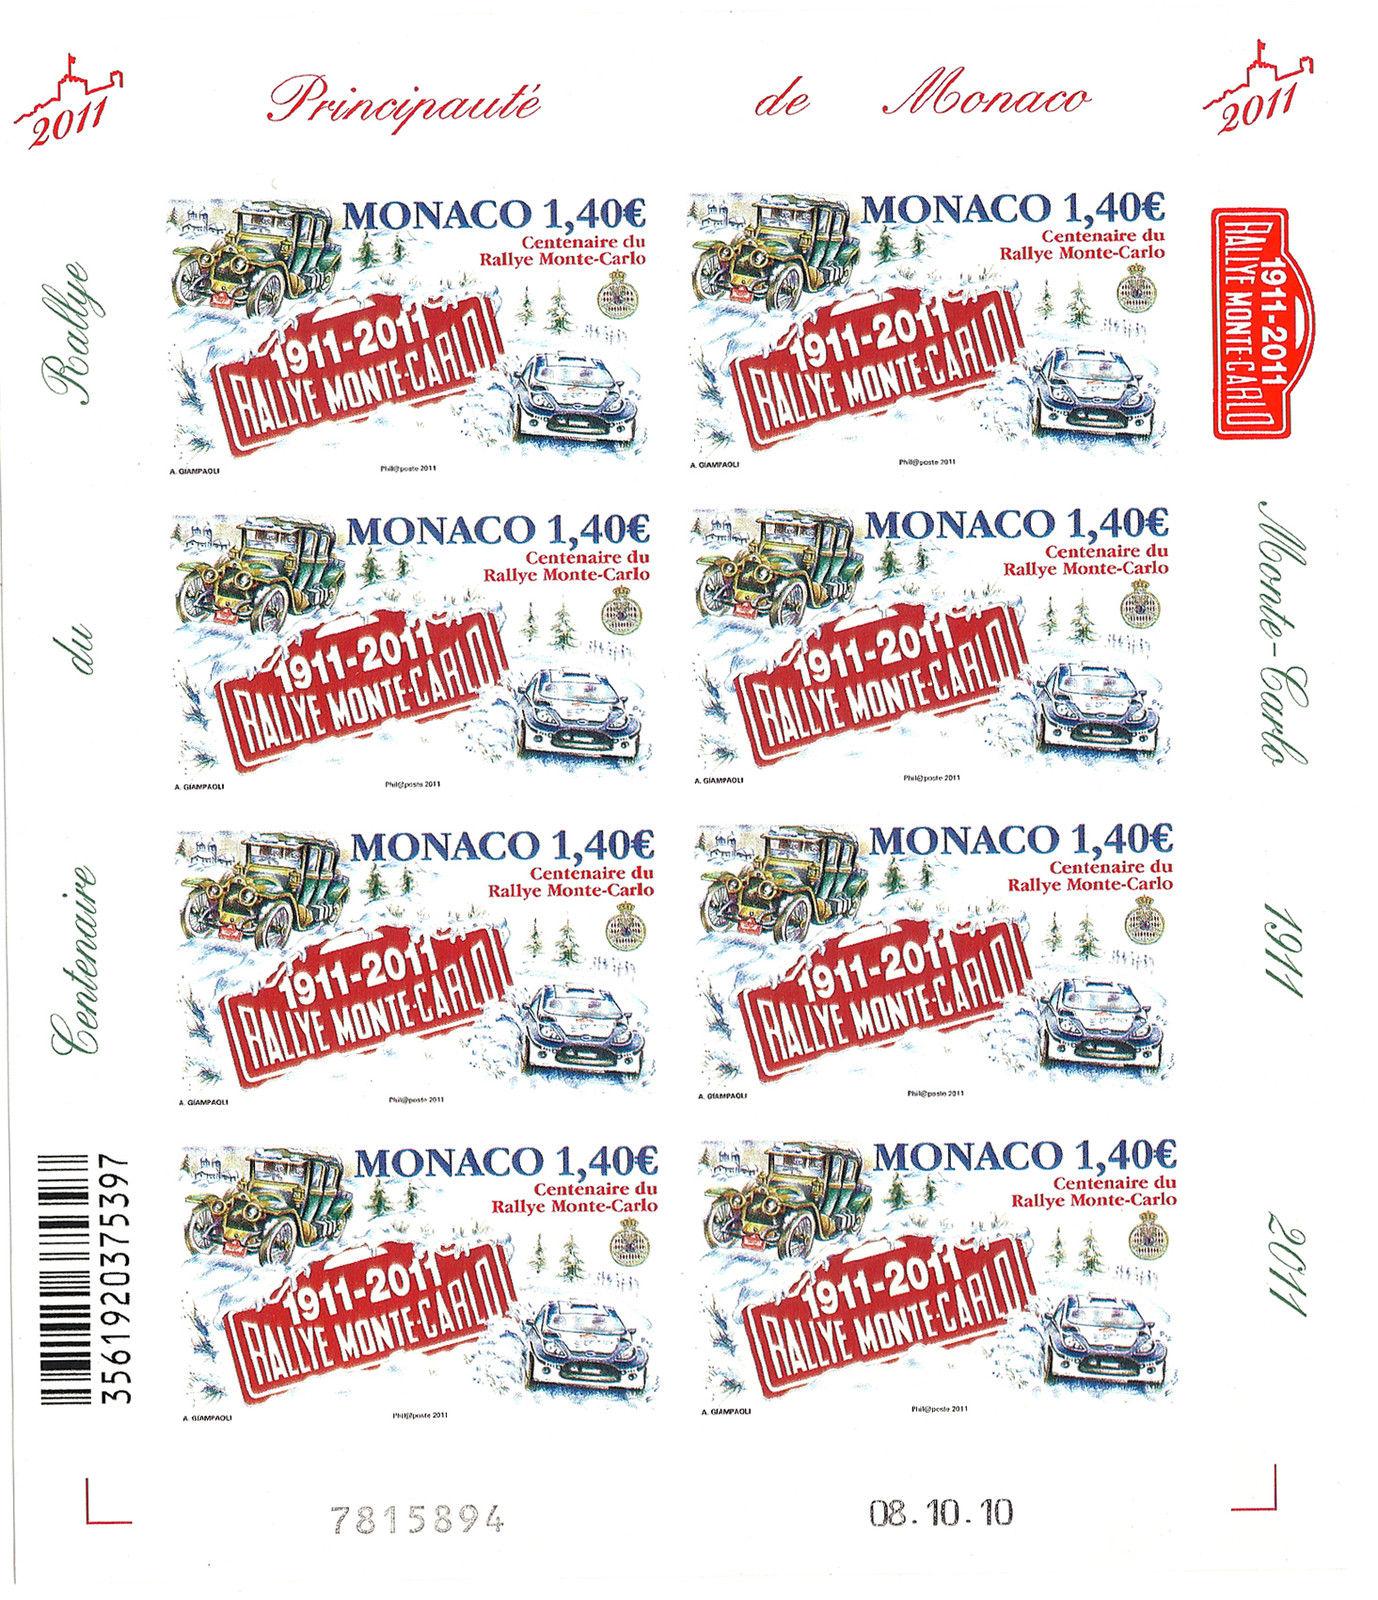 Monaco - Scott #2615 (2011) mini-sheet of 8